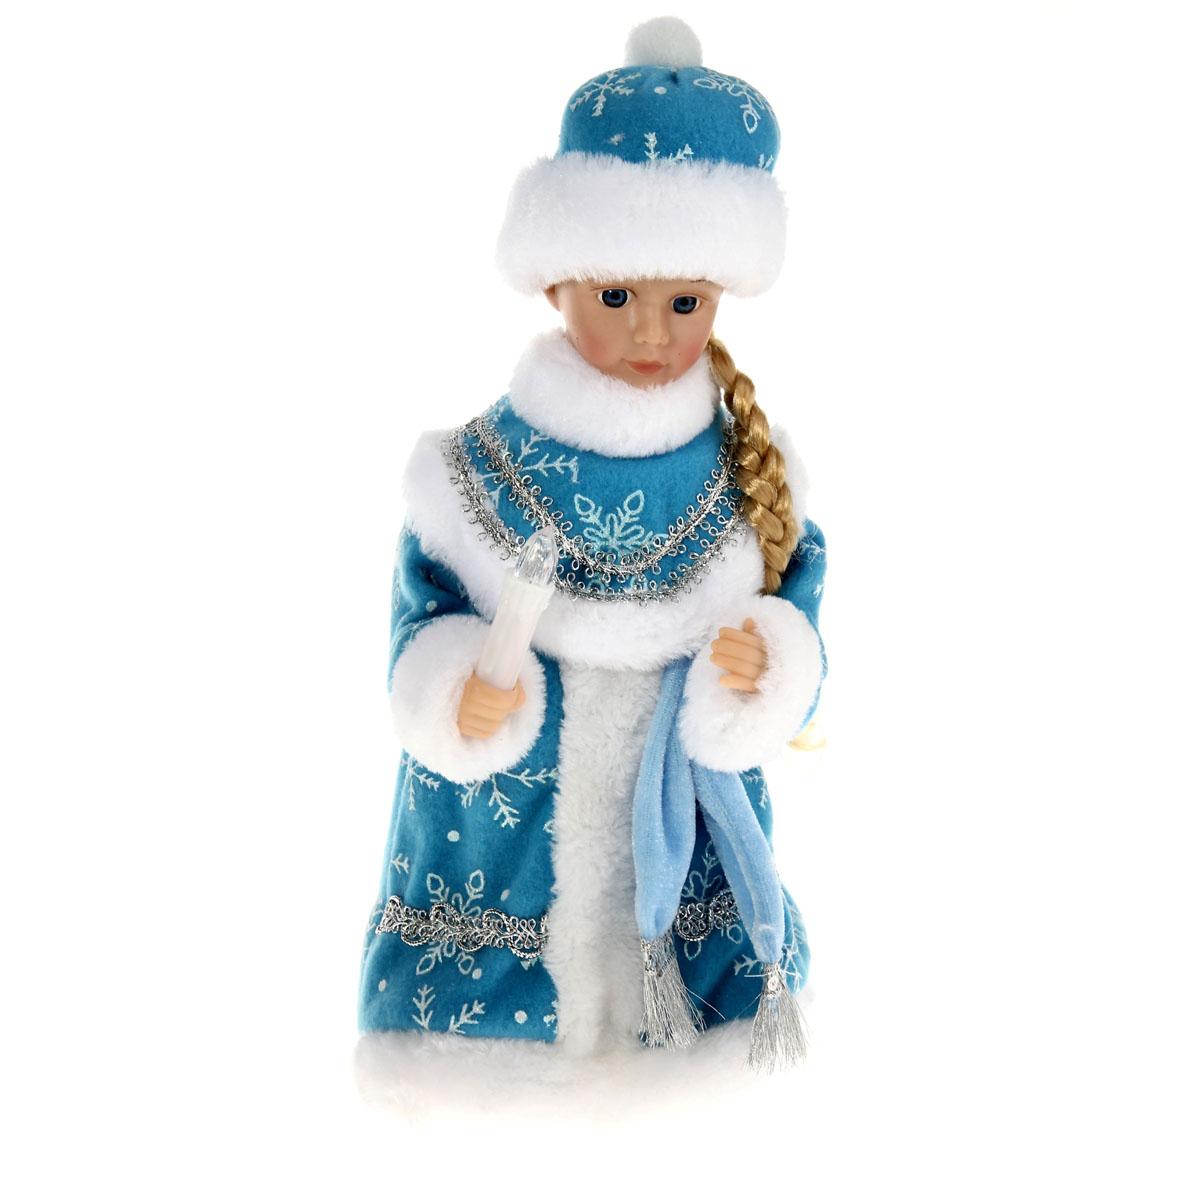 Новогодняя декоративная фигурка Sima-land Снегурочка, музыкальная, 29 см. 82783633852Новогодняя декоративная фигурка выполнена из высококачественного пластика в виде Снегурочки. Снегурочка одета в шубу с опушкой, украшенную снежинками и декоративной тесьмой. На голове шапка в цвет шубы. В руке Снегурочка держит свечку. Кукла стоит на пластиковой подставке. Особенностью фигурки является наличие механизма, при включении которого начинает играть новогодняя мелодия, свечка светится, а голова и руки Снегурочки начинают двигаться. Ее добрый вид и очаровательная улыбка притягивают к себе восторженные взгляды. Декоративная фигурка Снегурочка подойдет для оформления новогоднего интерьера и принесет с собой атмосферу радости и веселья. УВАЖАЕМЫЕ КЛИЕНТЫ!Обращаем ваше внимание на тот факт, что декоративная фигурка работает от трех батареек типа АА напряжением 1,5V. Батарейки в комплект не входят.